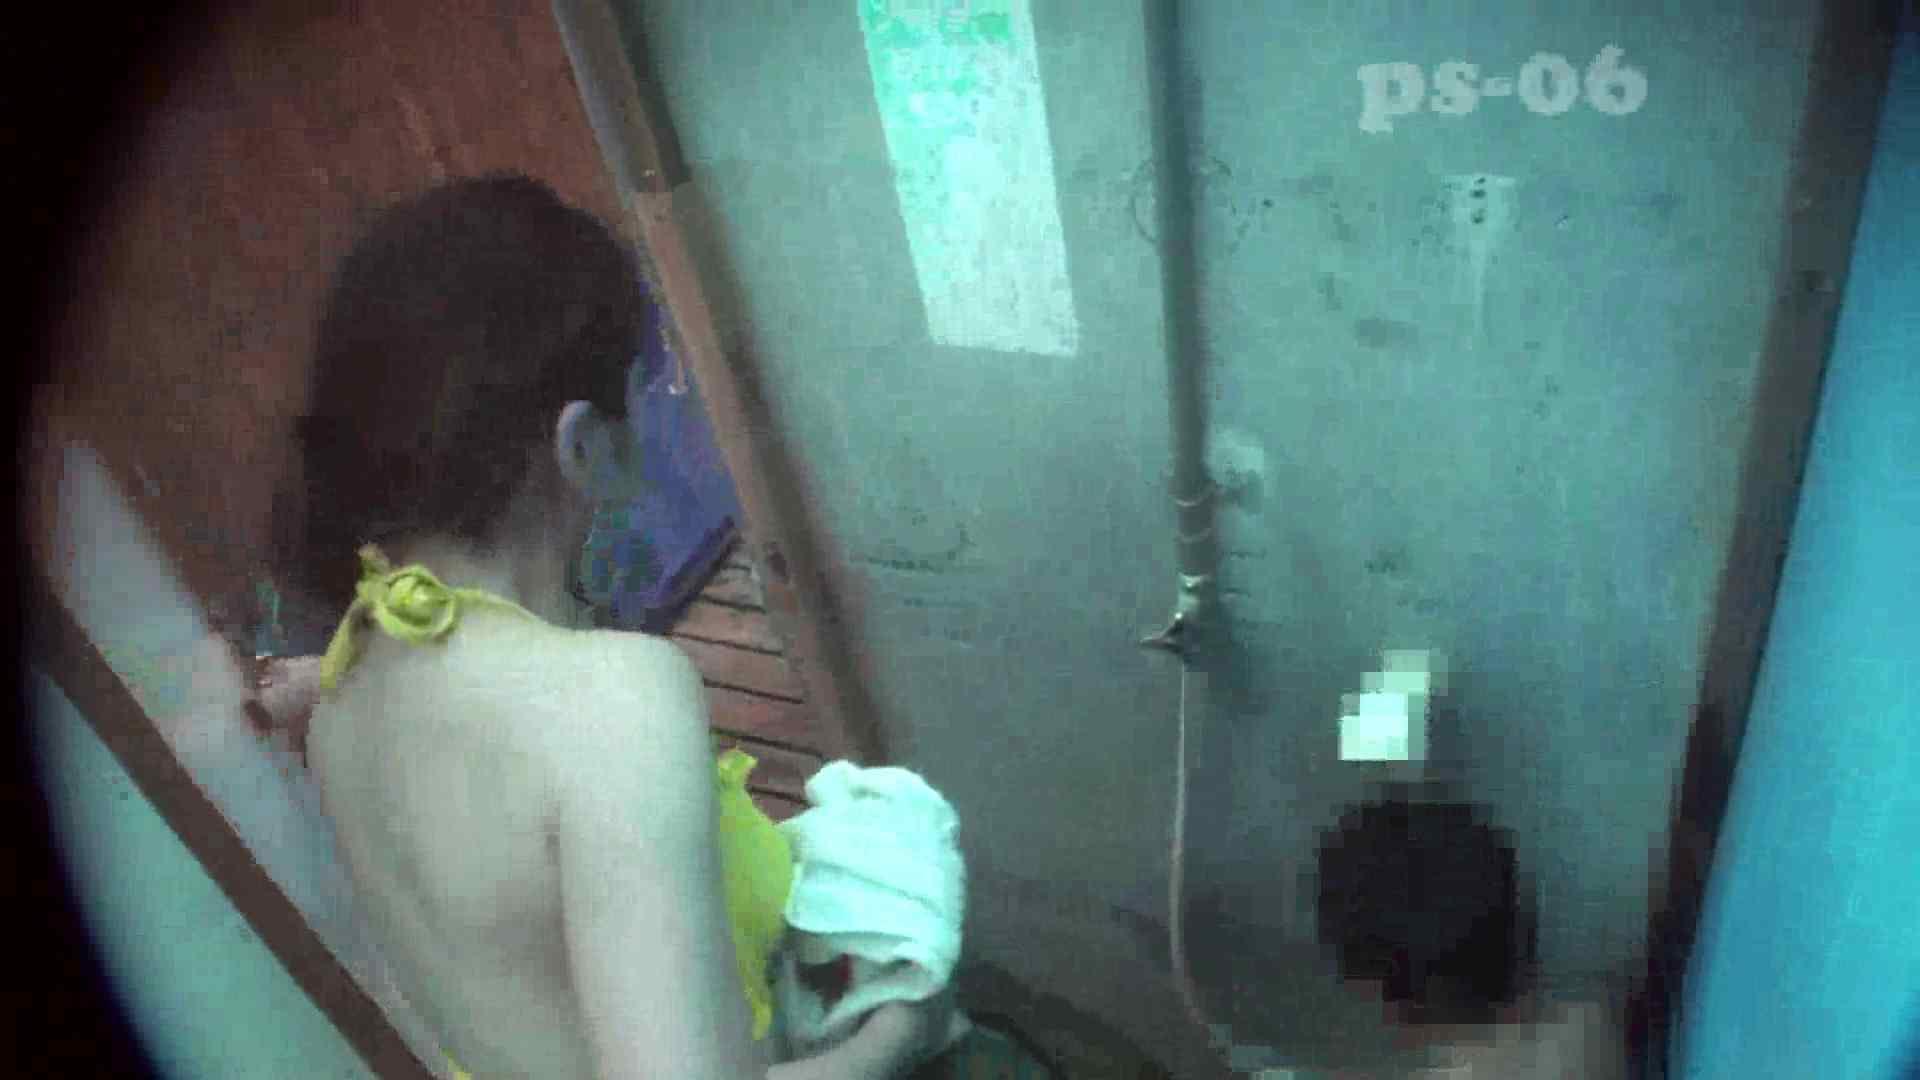 シャワールームは危険な香りVol.6(ハイビジョンサンプル版) 盛合せ  111PIX 104